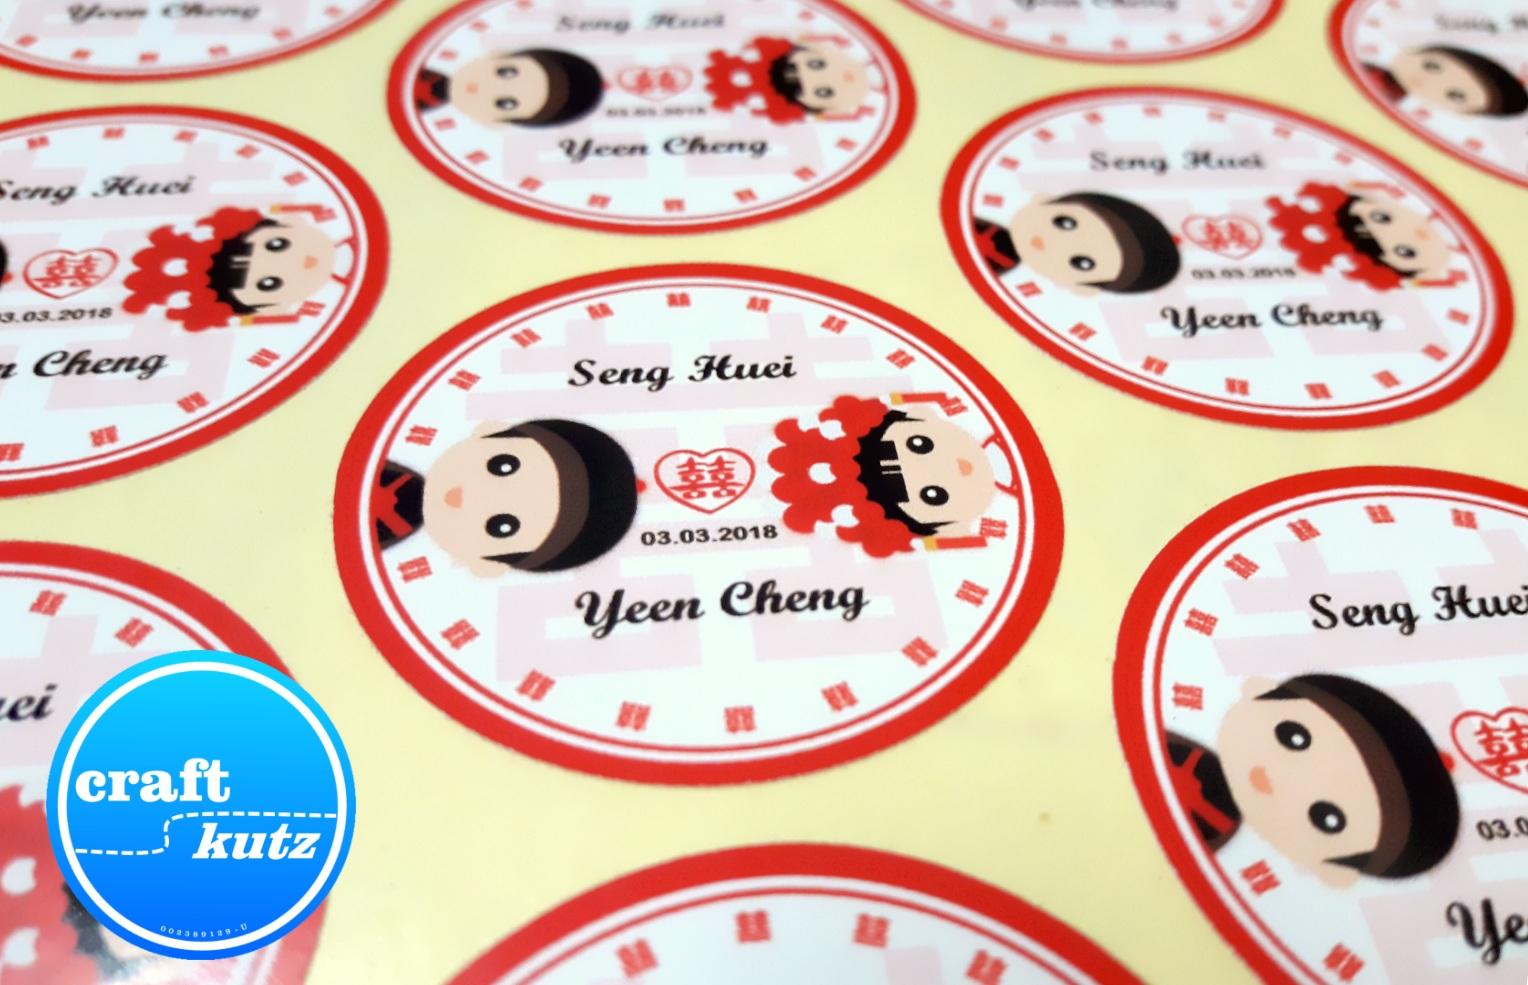 chinese tradition wedding design sticker craft kutz